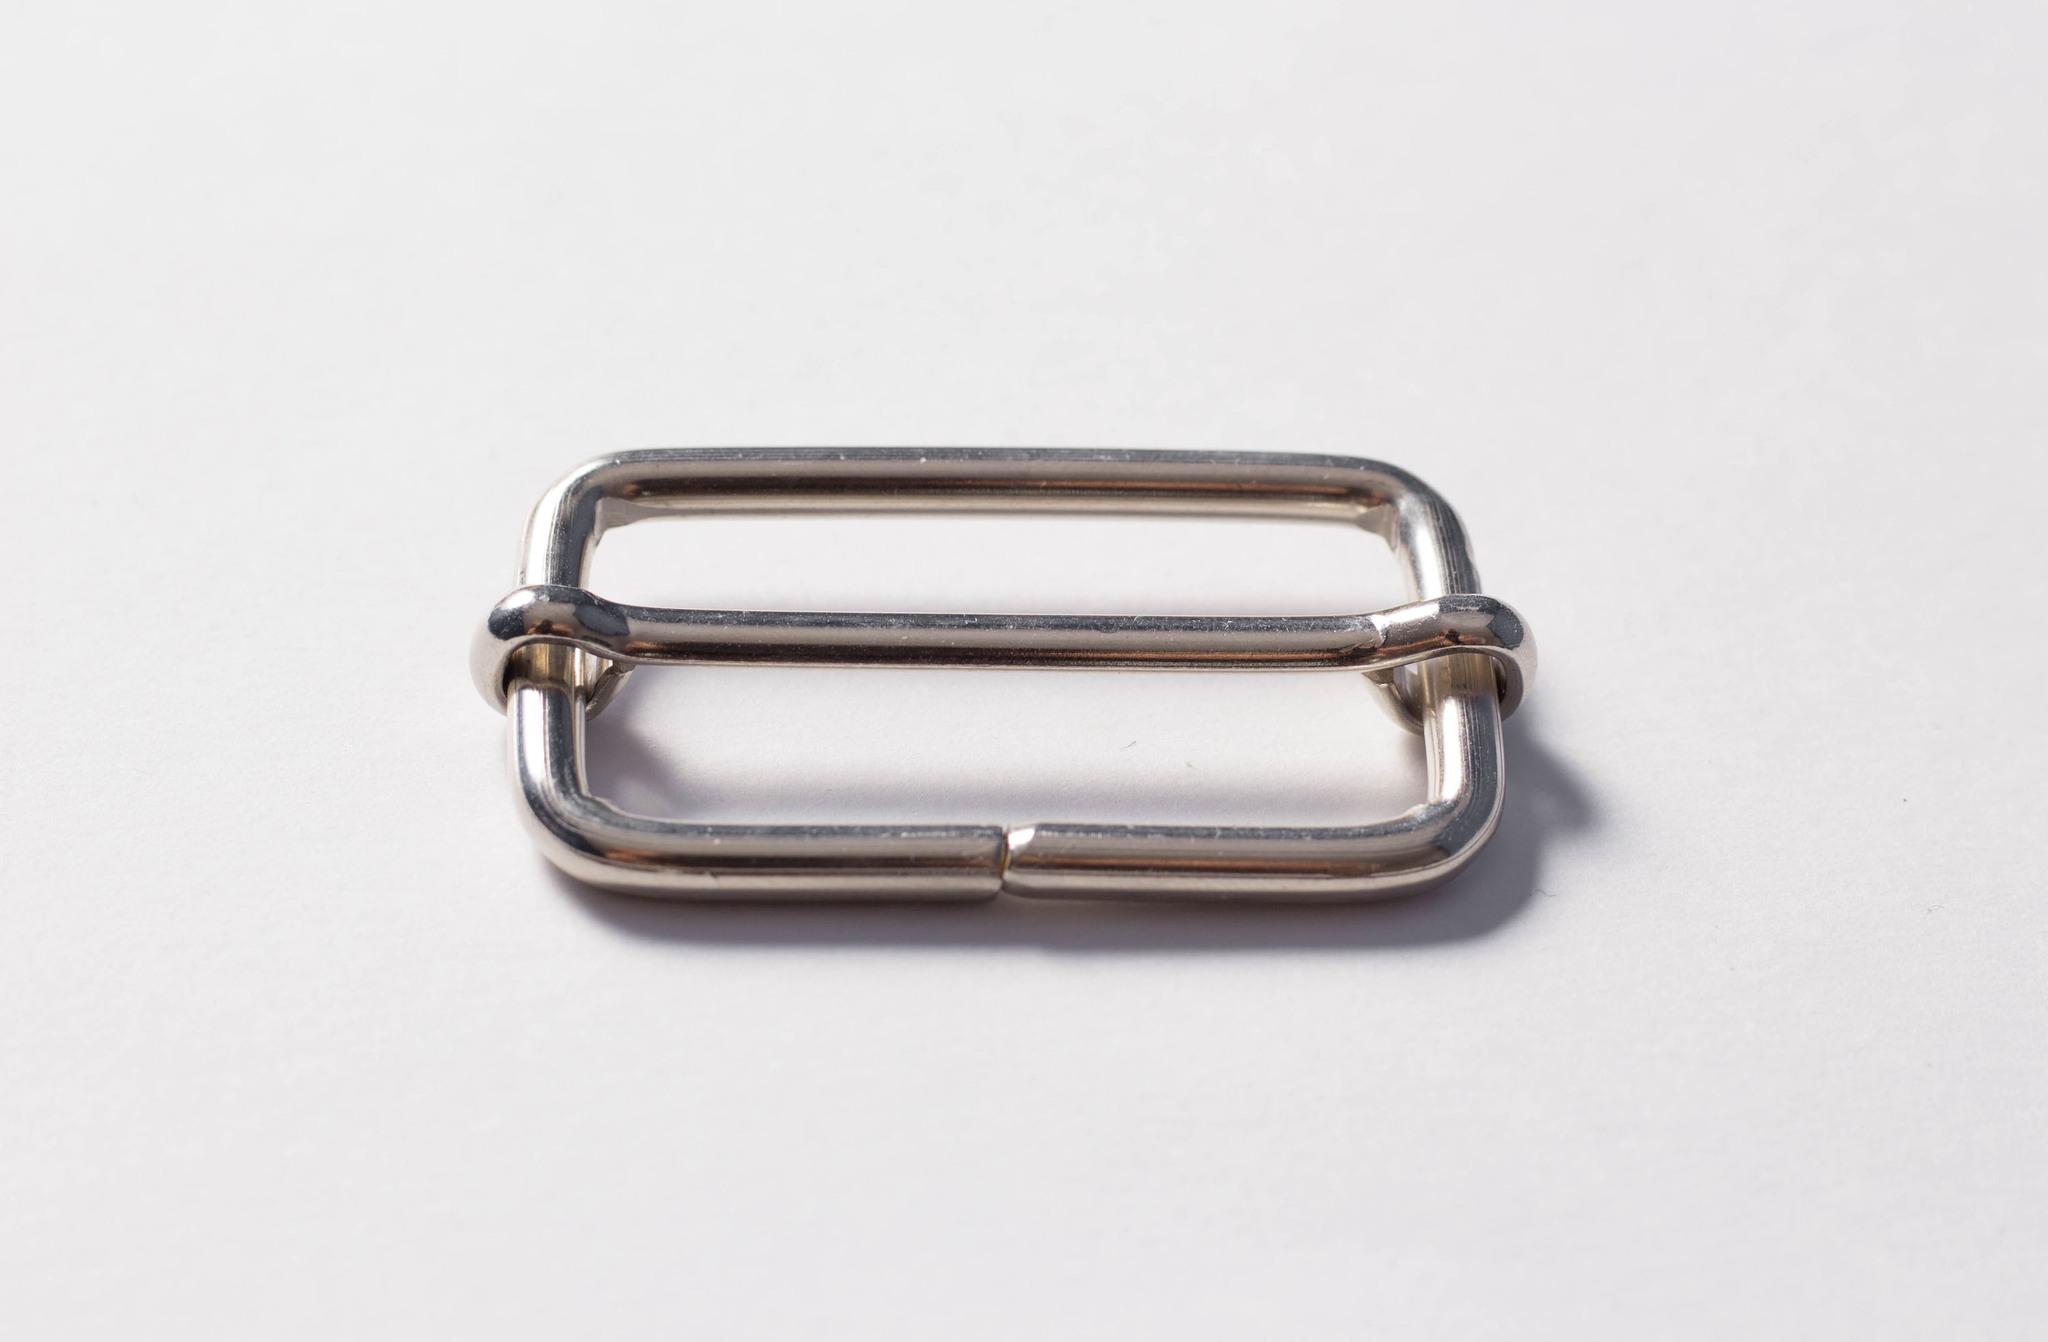 Регулятор металлический для ремня 40 мм